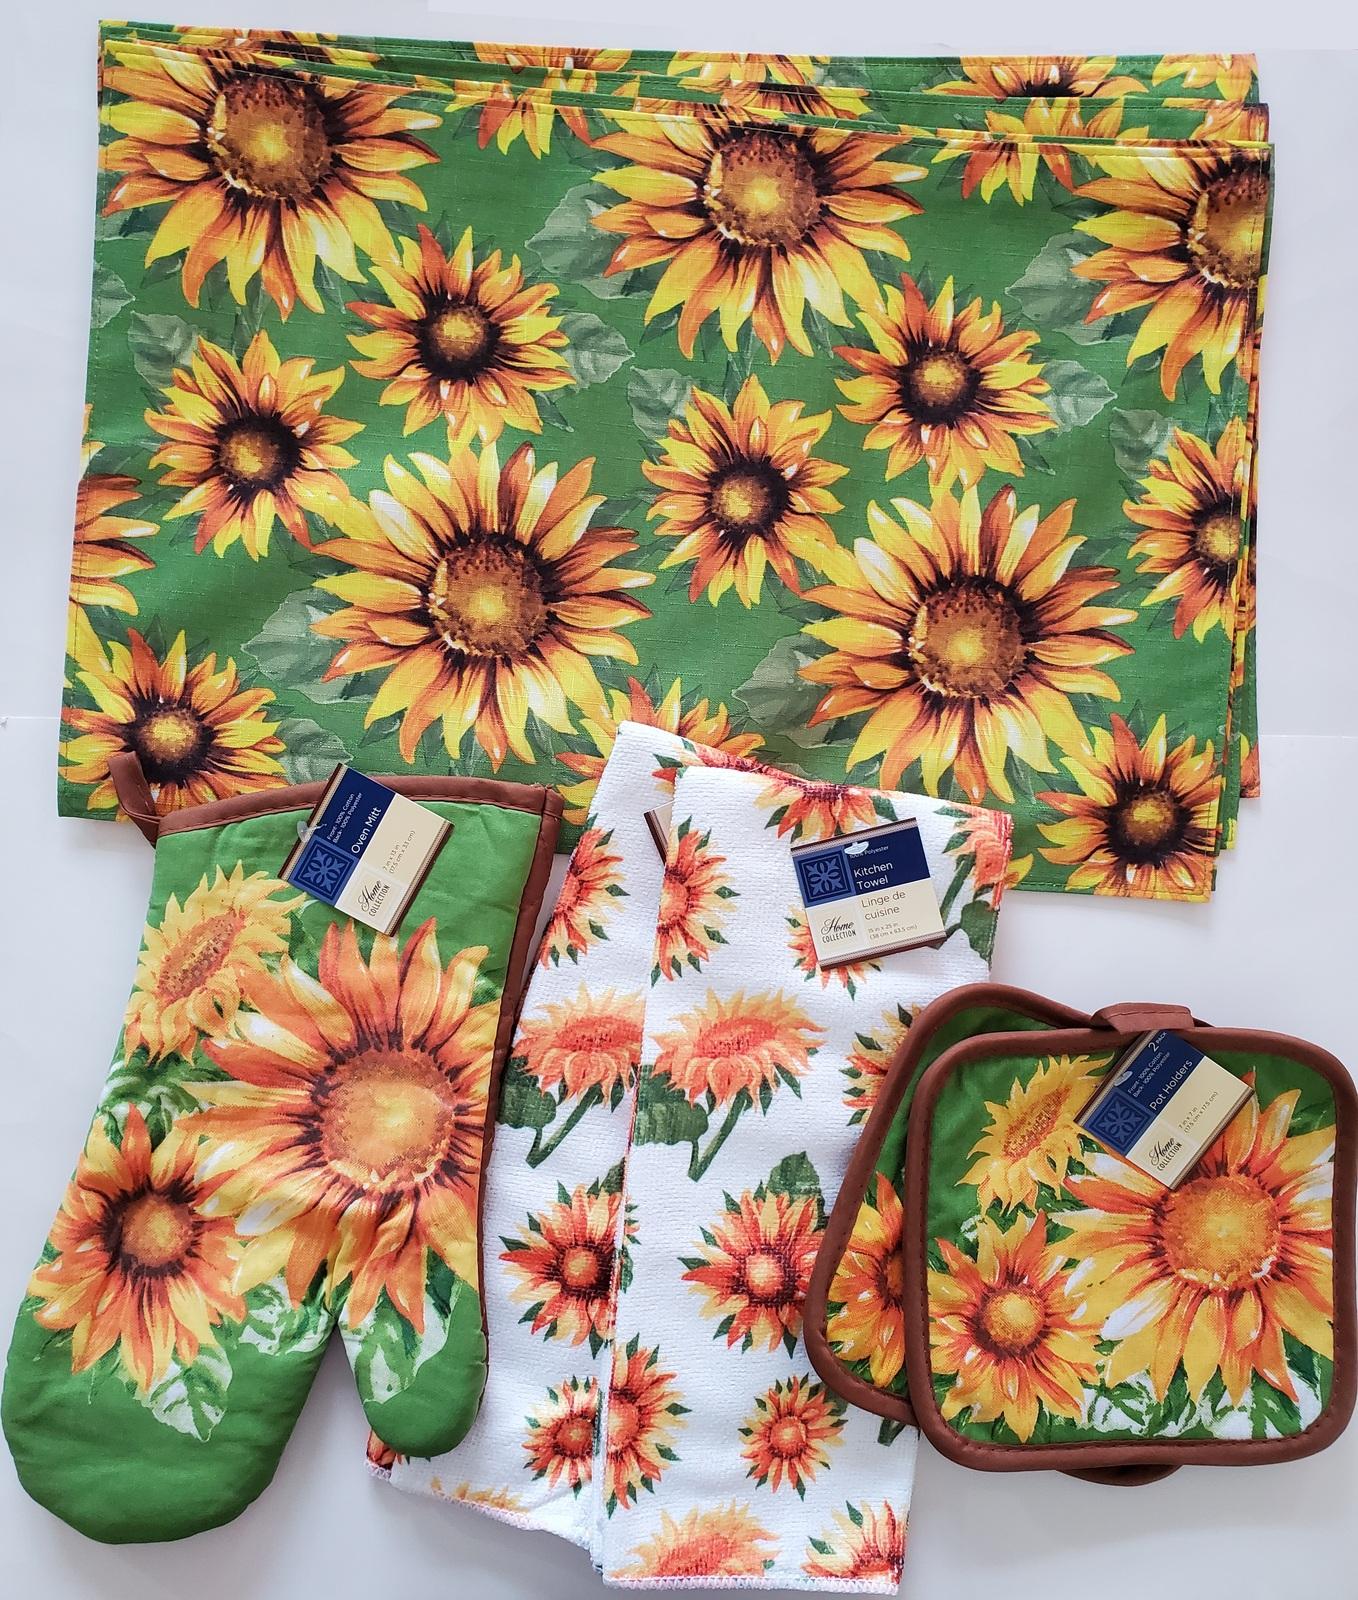 Sunflowerkitchenset 9pc